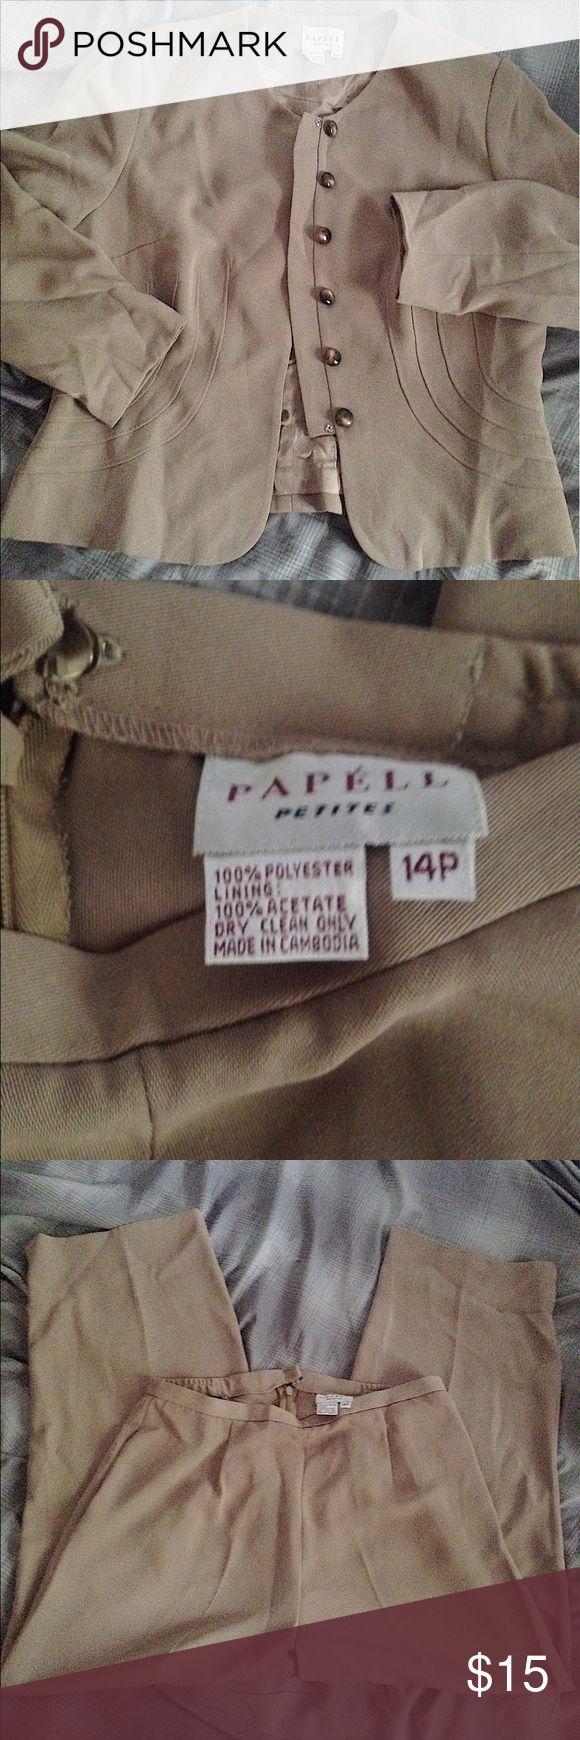 Women's Papell Petites Suit ⚡️Women's Papel Petites Suit.                            ⚡️Excellent Condition Jackets & Coats